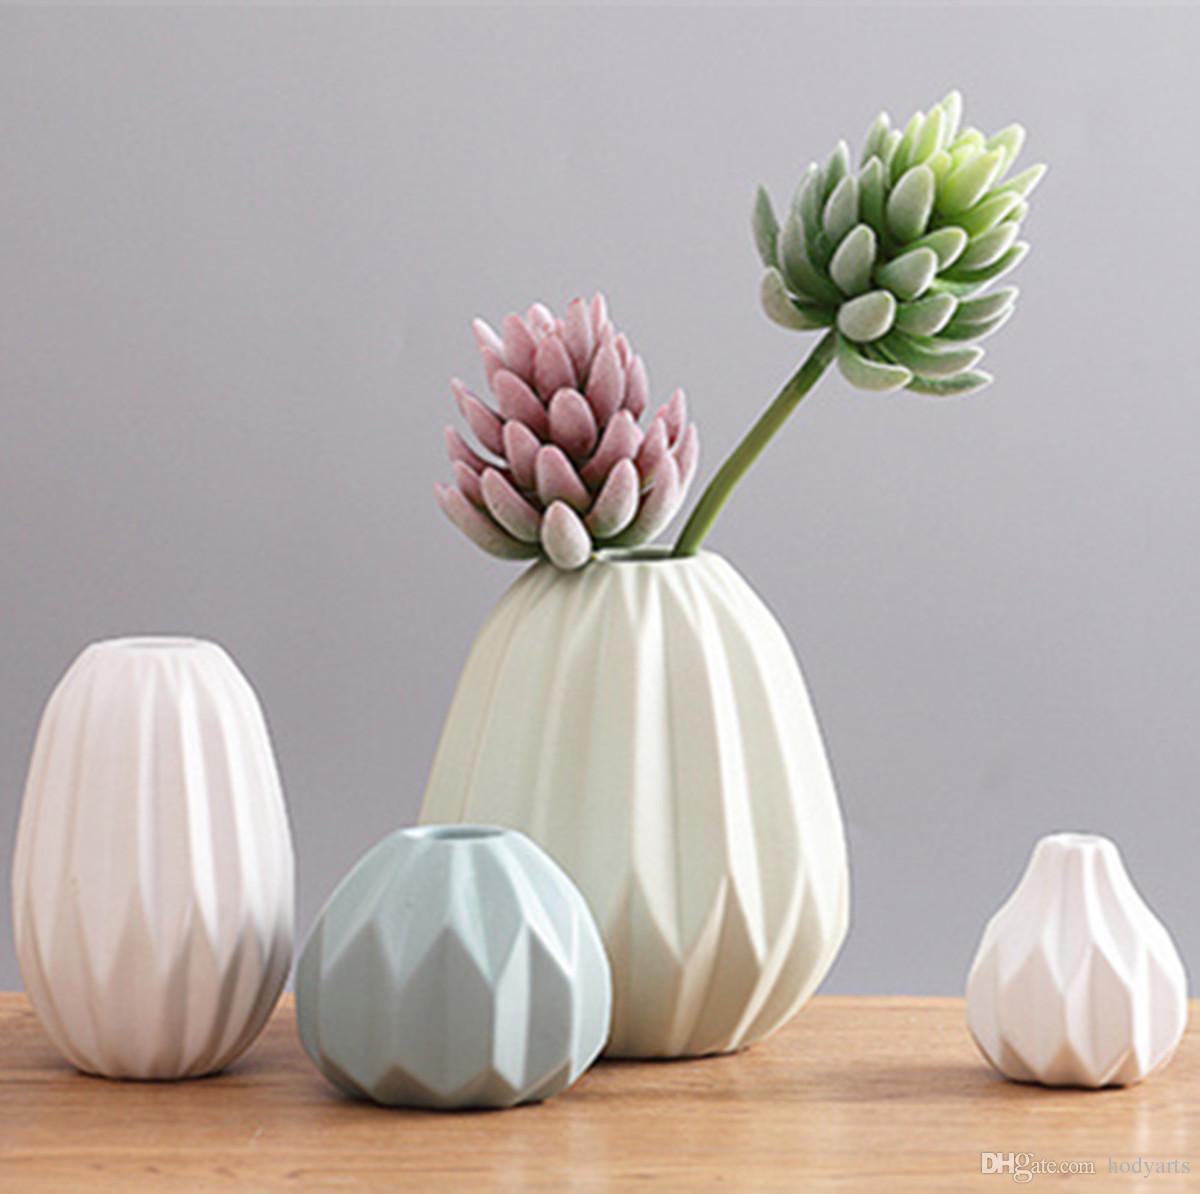 Оптовая новый дизайн и высокое качество китайский фарфор ваза для цветов (1set 4pcs) для украшения дома и офиса